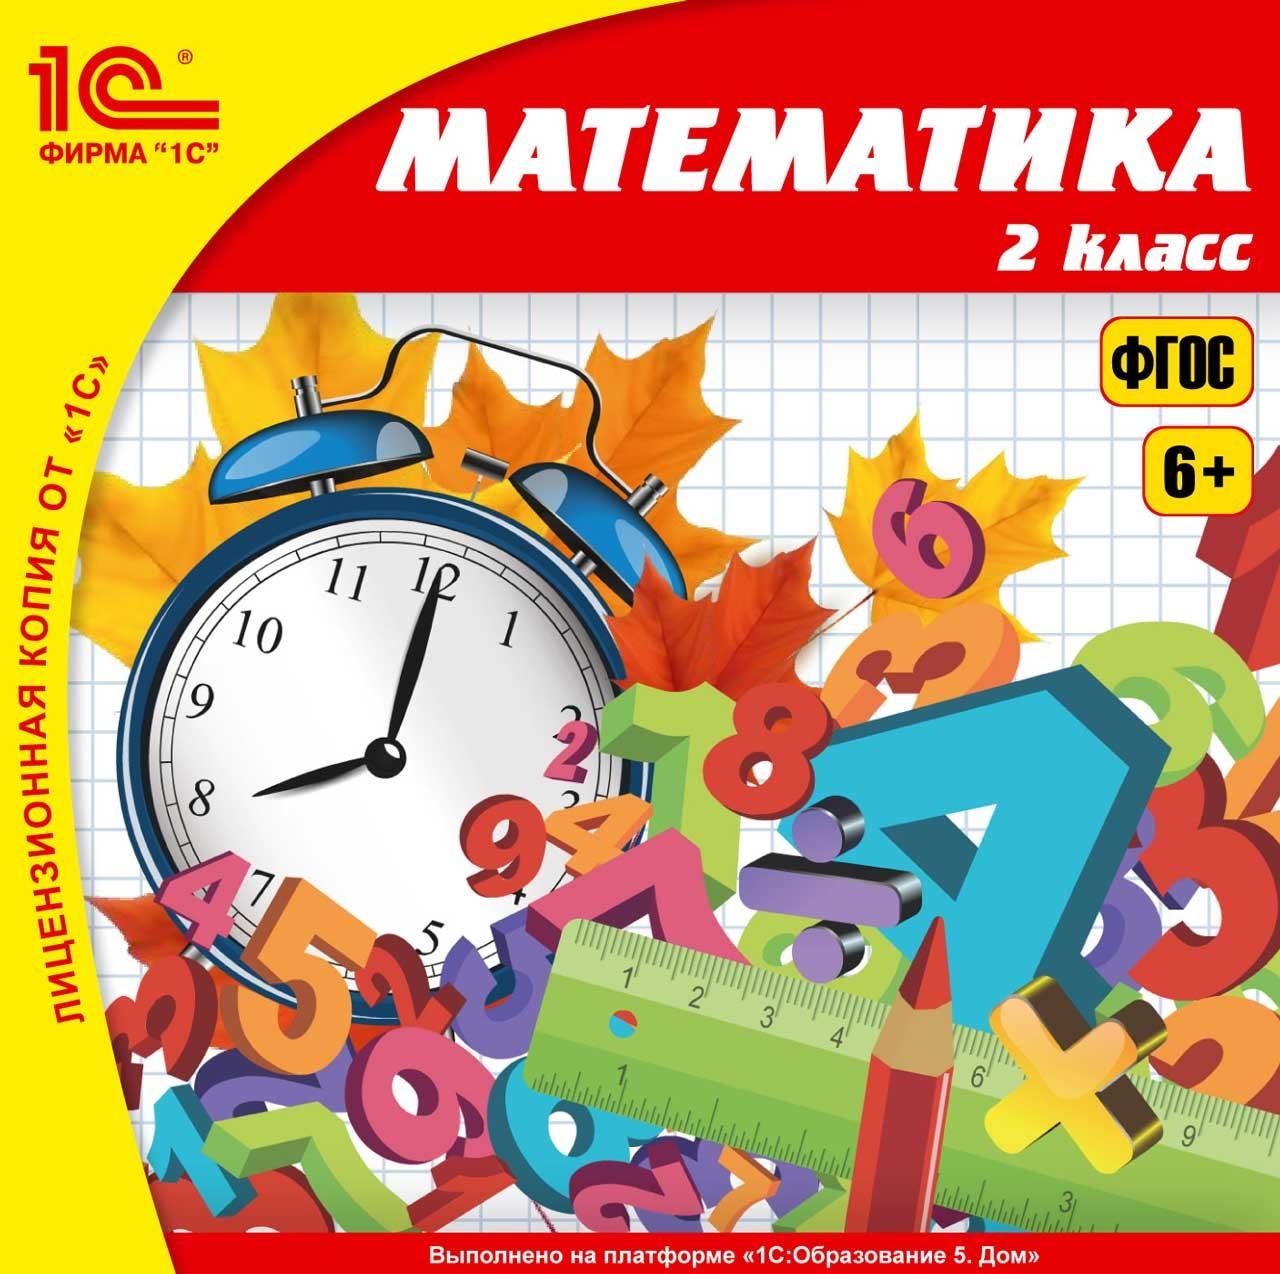 Математика, 2 класс [Цифровая версия] (Цифровая версия) математика 5 класс цифровая версия